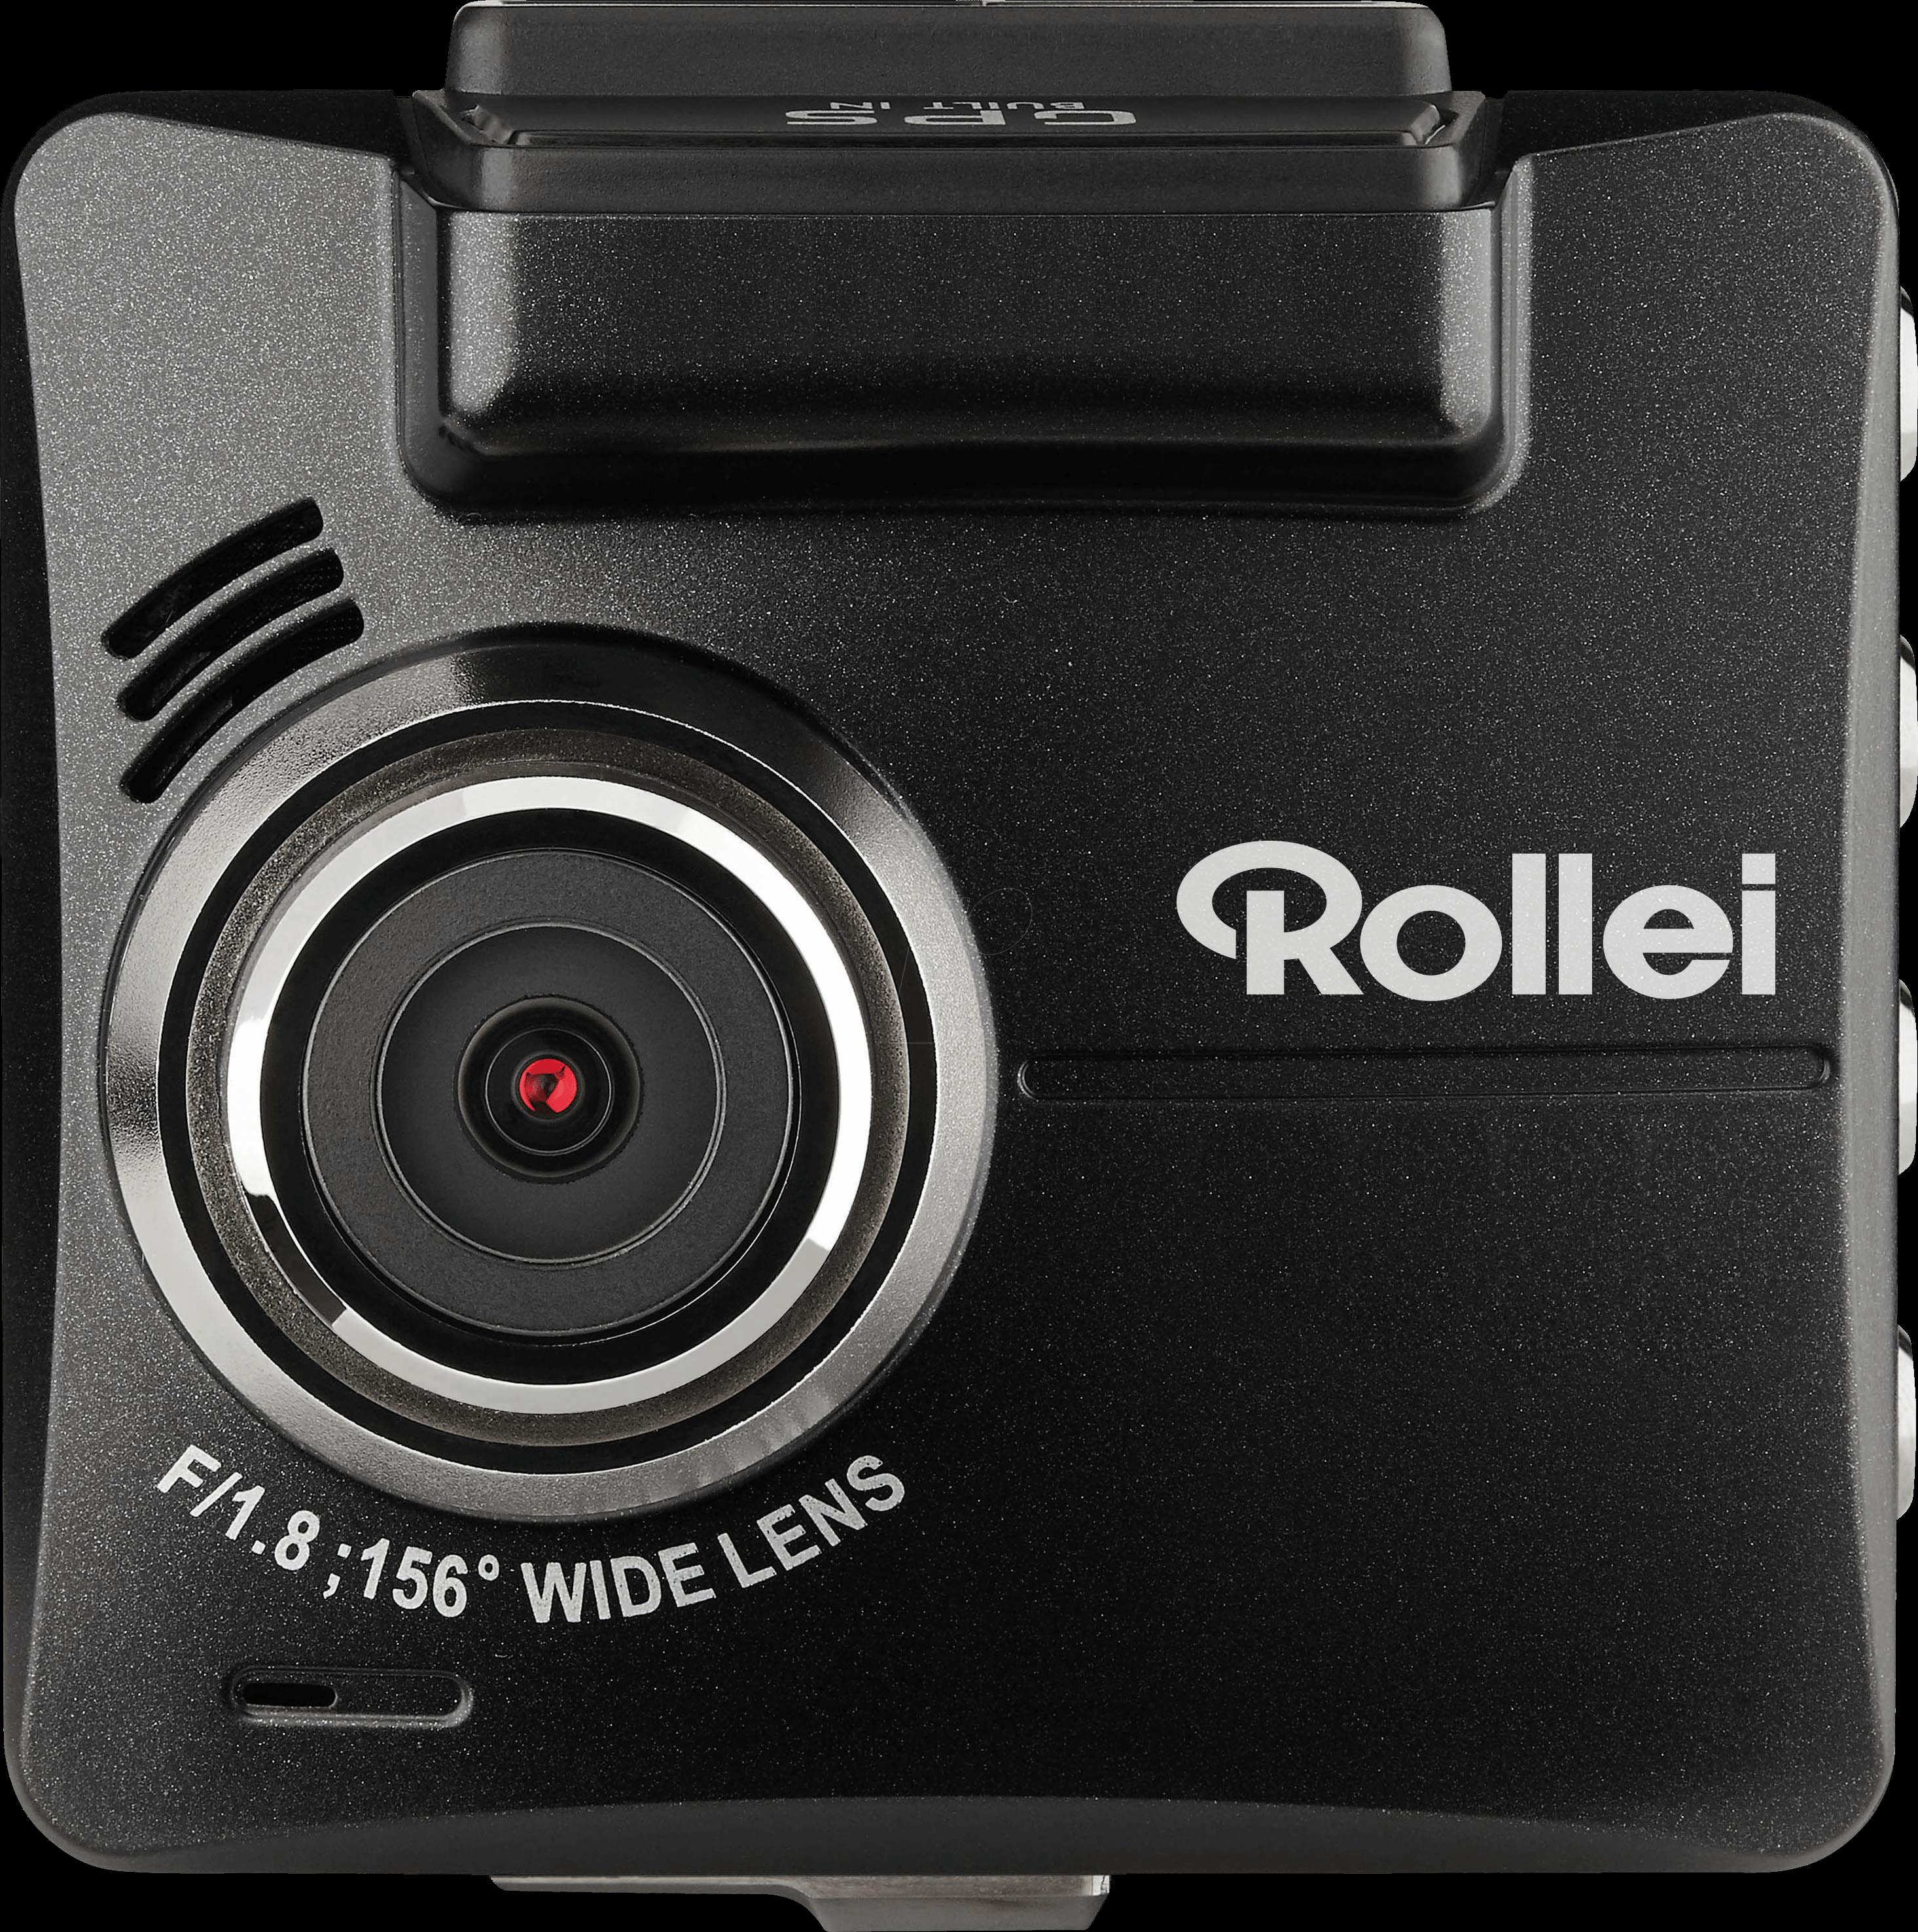 RLE CARDVR-318 - Dash Cam, CarDVR-318, 2k, GPS, G-Sensor